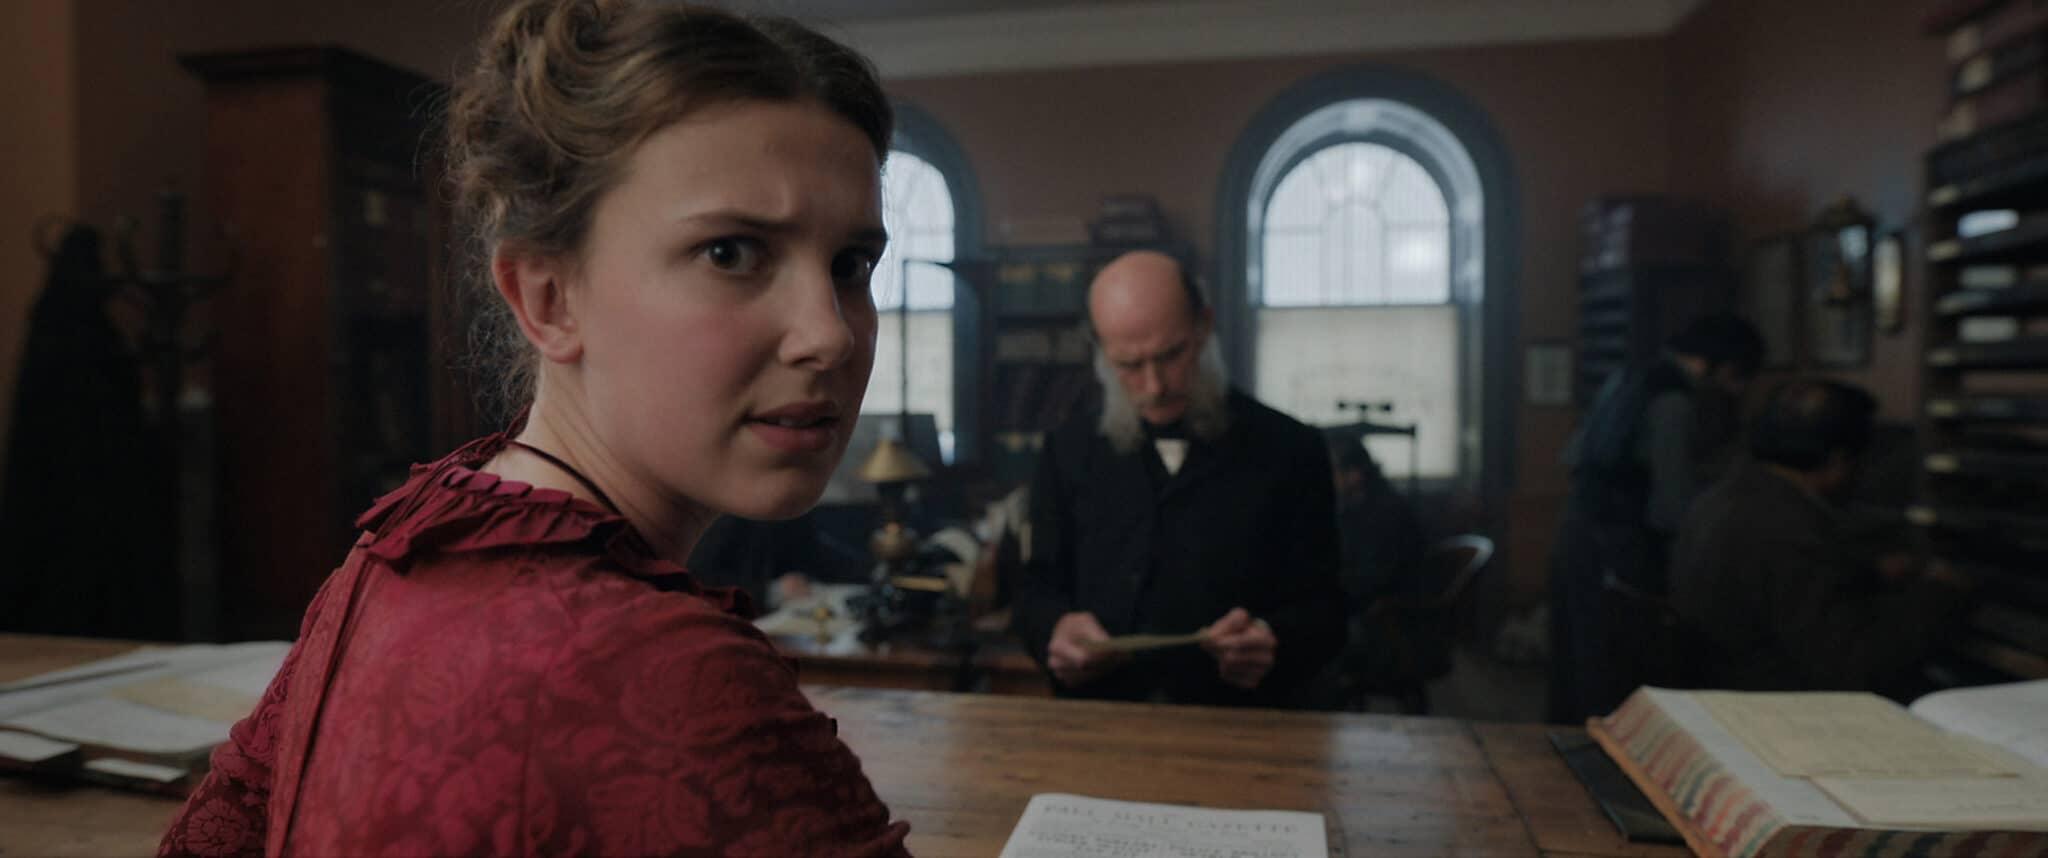 Enola Holmes wendet sich mit grübelnder Miene in Richtung Kamera, ihr gegenüber steht ein älterer Herr, der ein Papier beäugt